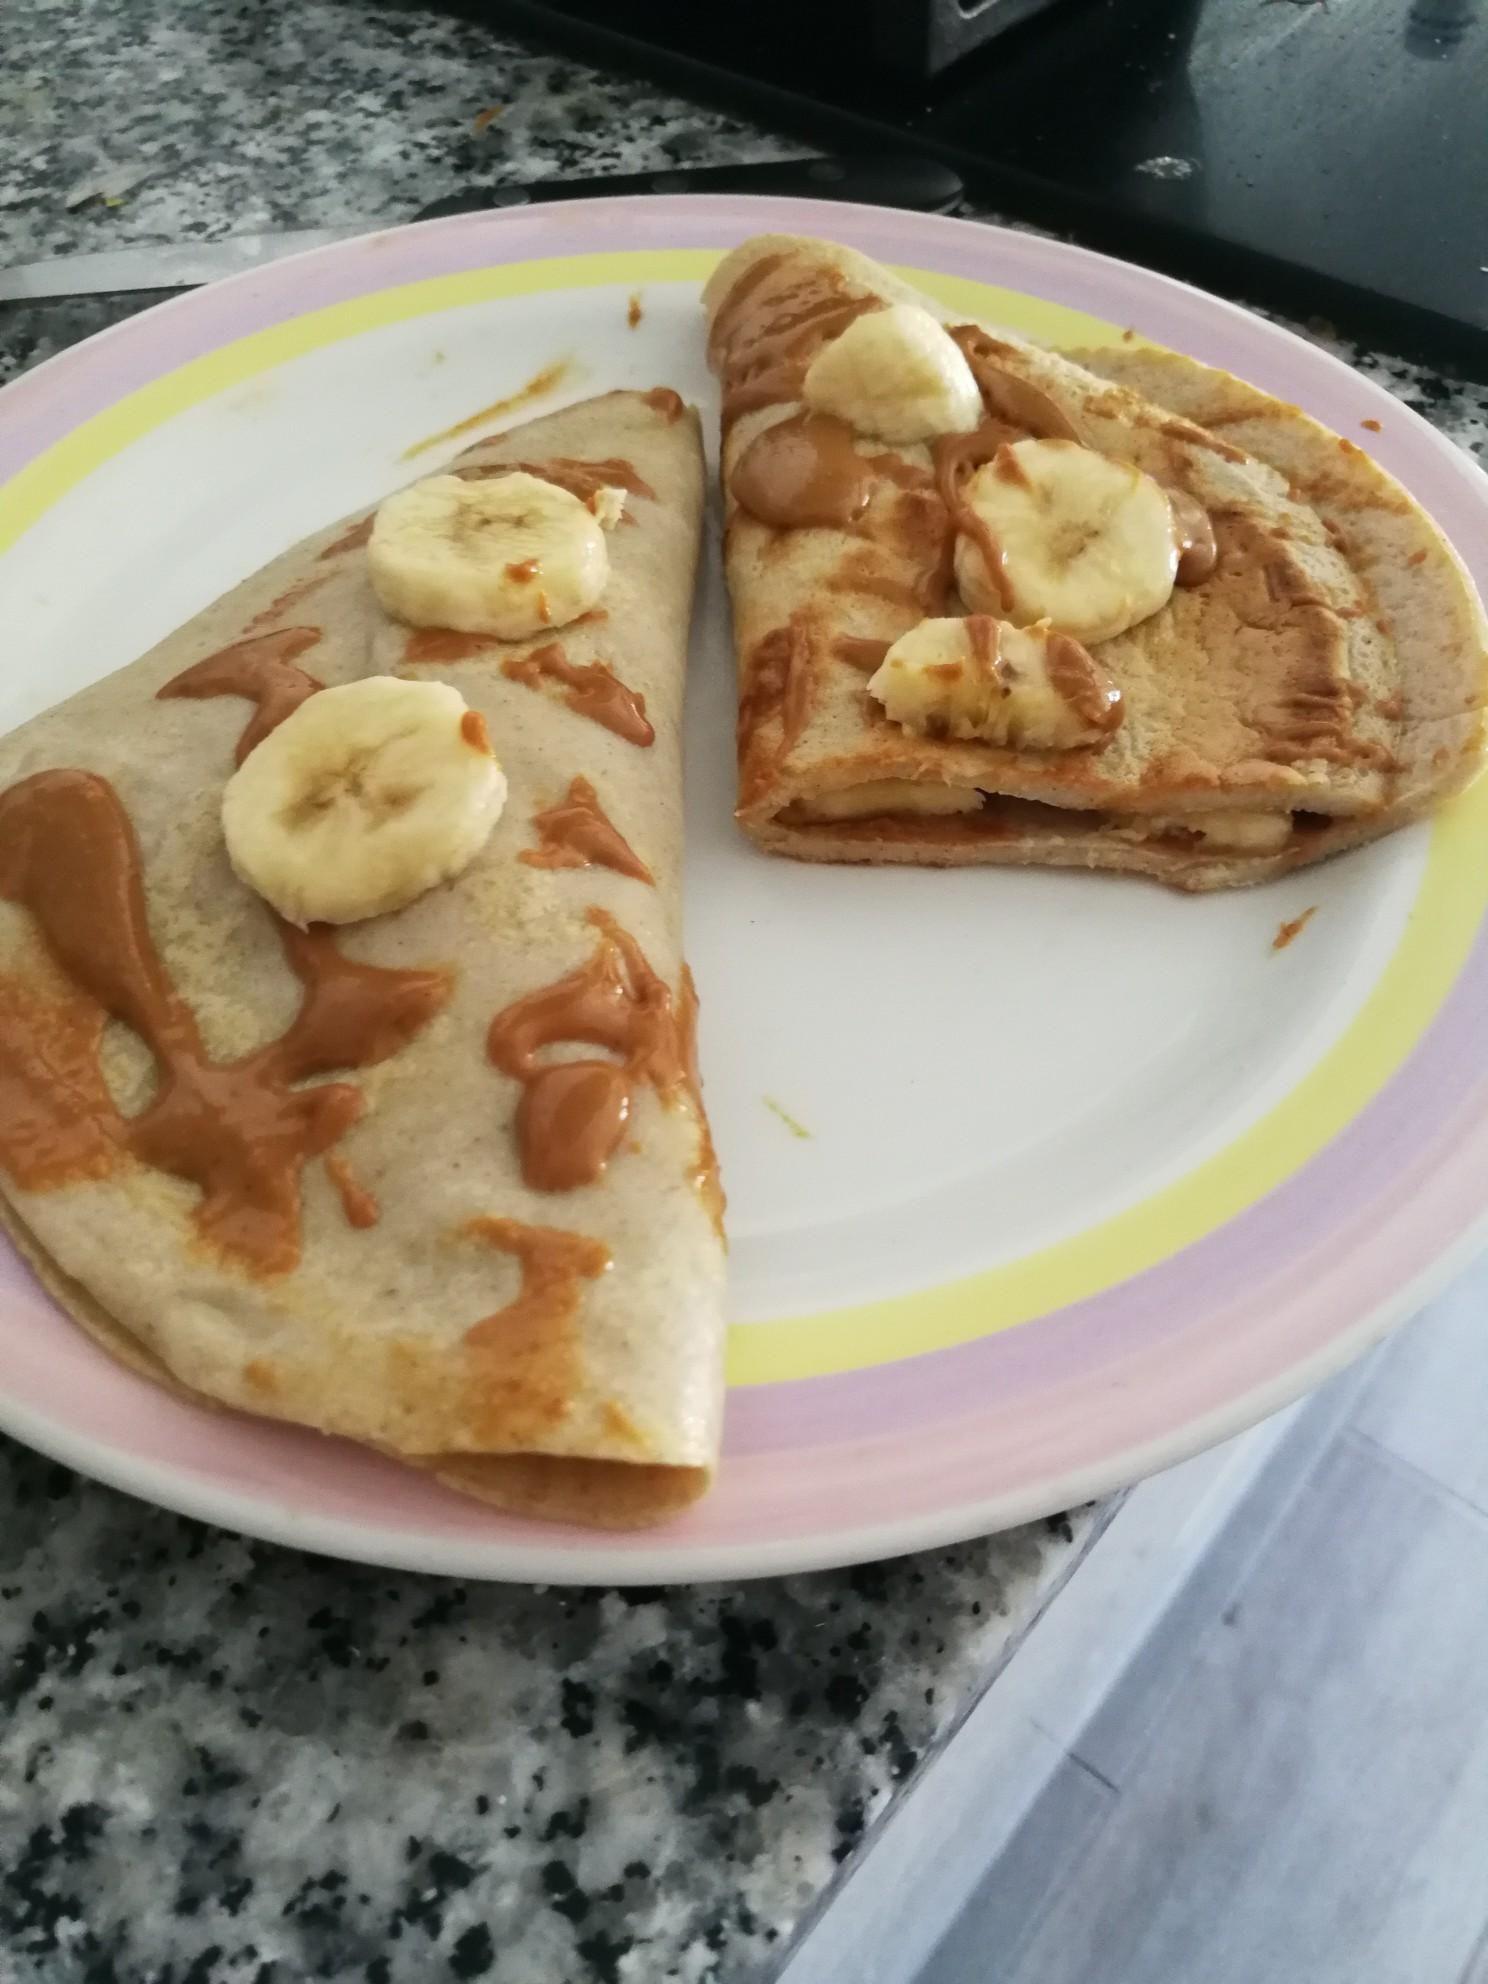 Desayuno Fitness Tortitas De Avena Sabor Cookie Y Claras De Huevo Con Platano Y Crema De Cacah Desayuno Recetas Saludables Desayuno Crema De Cacahuete Recetas